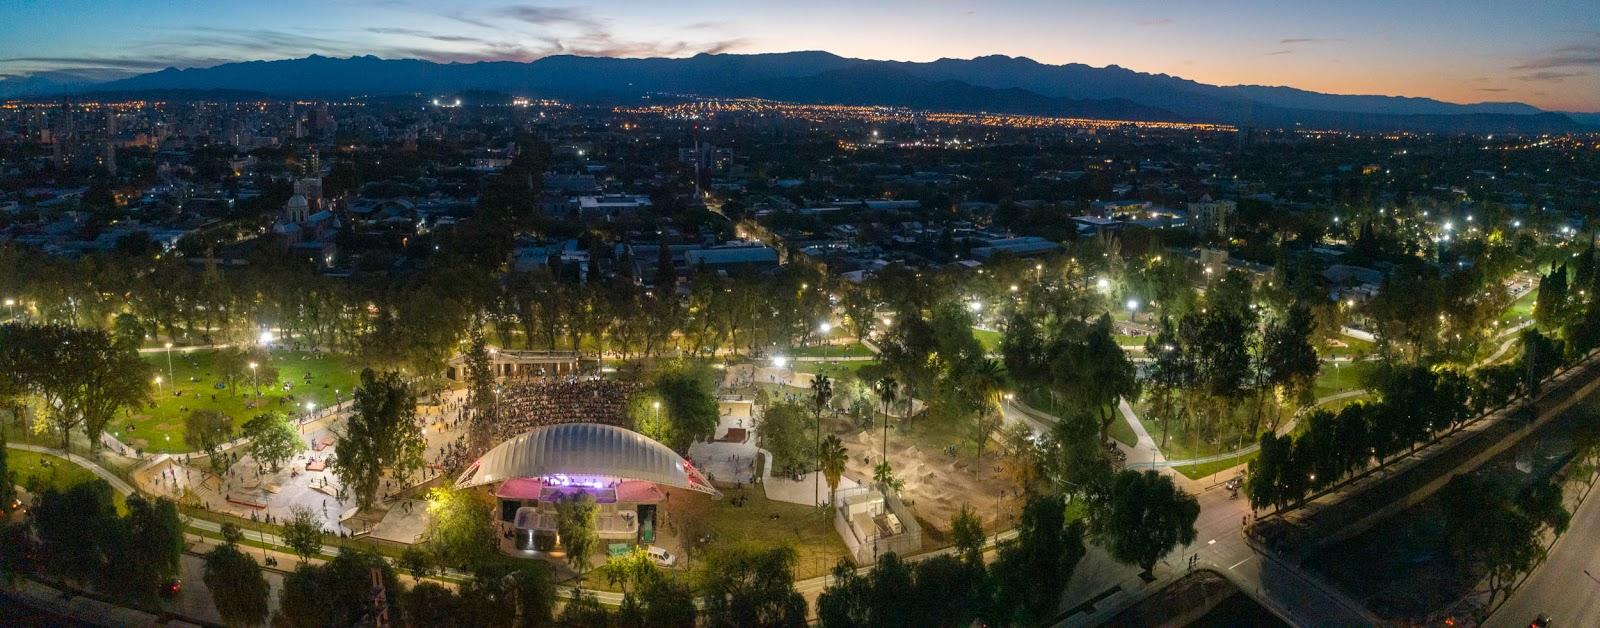 Parque O'Higgins foto home web